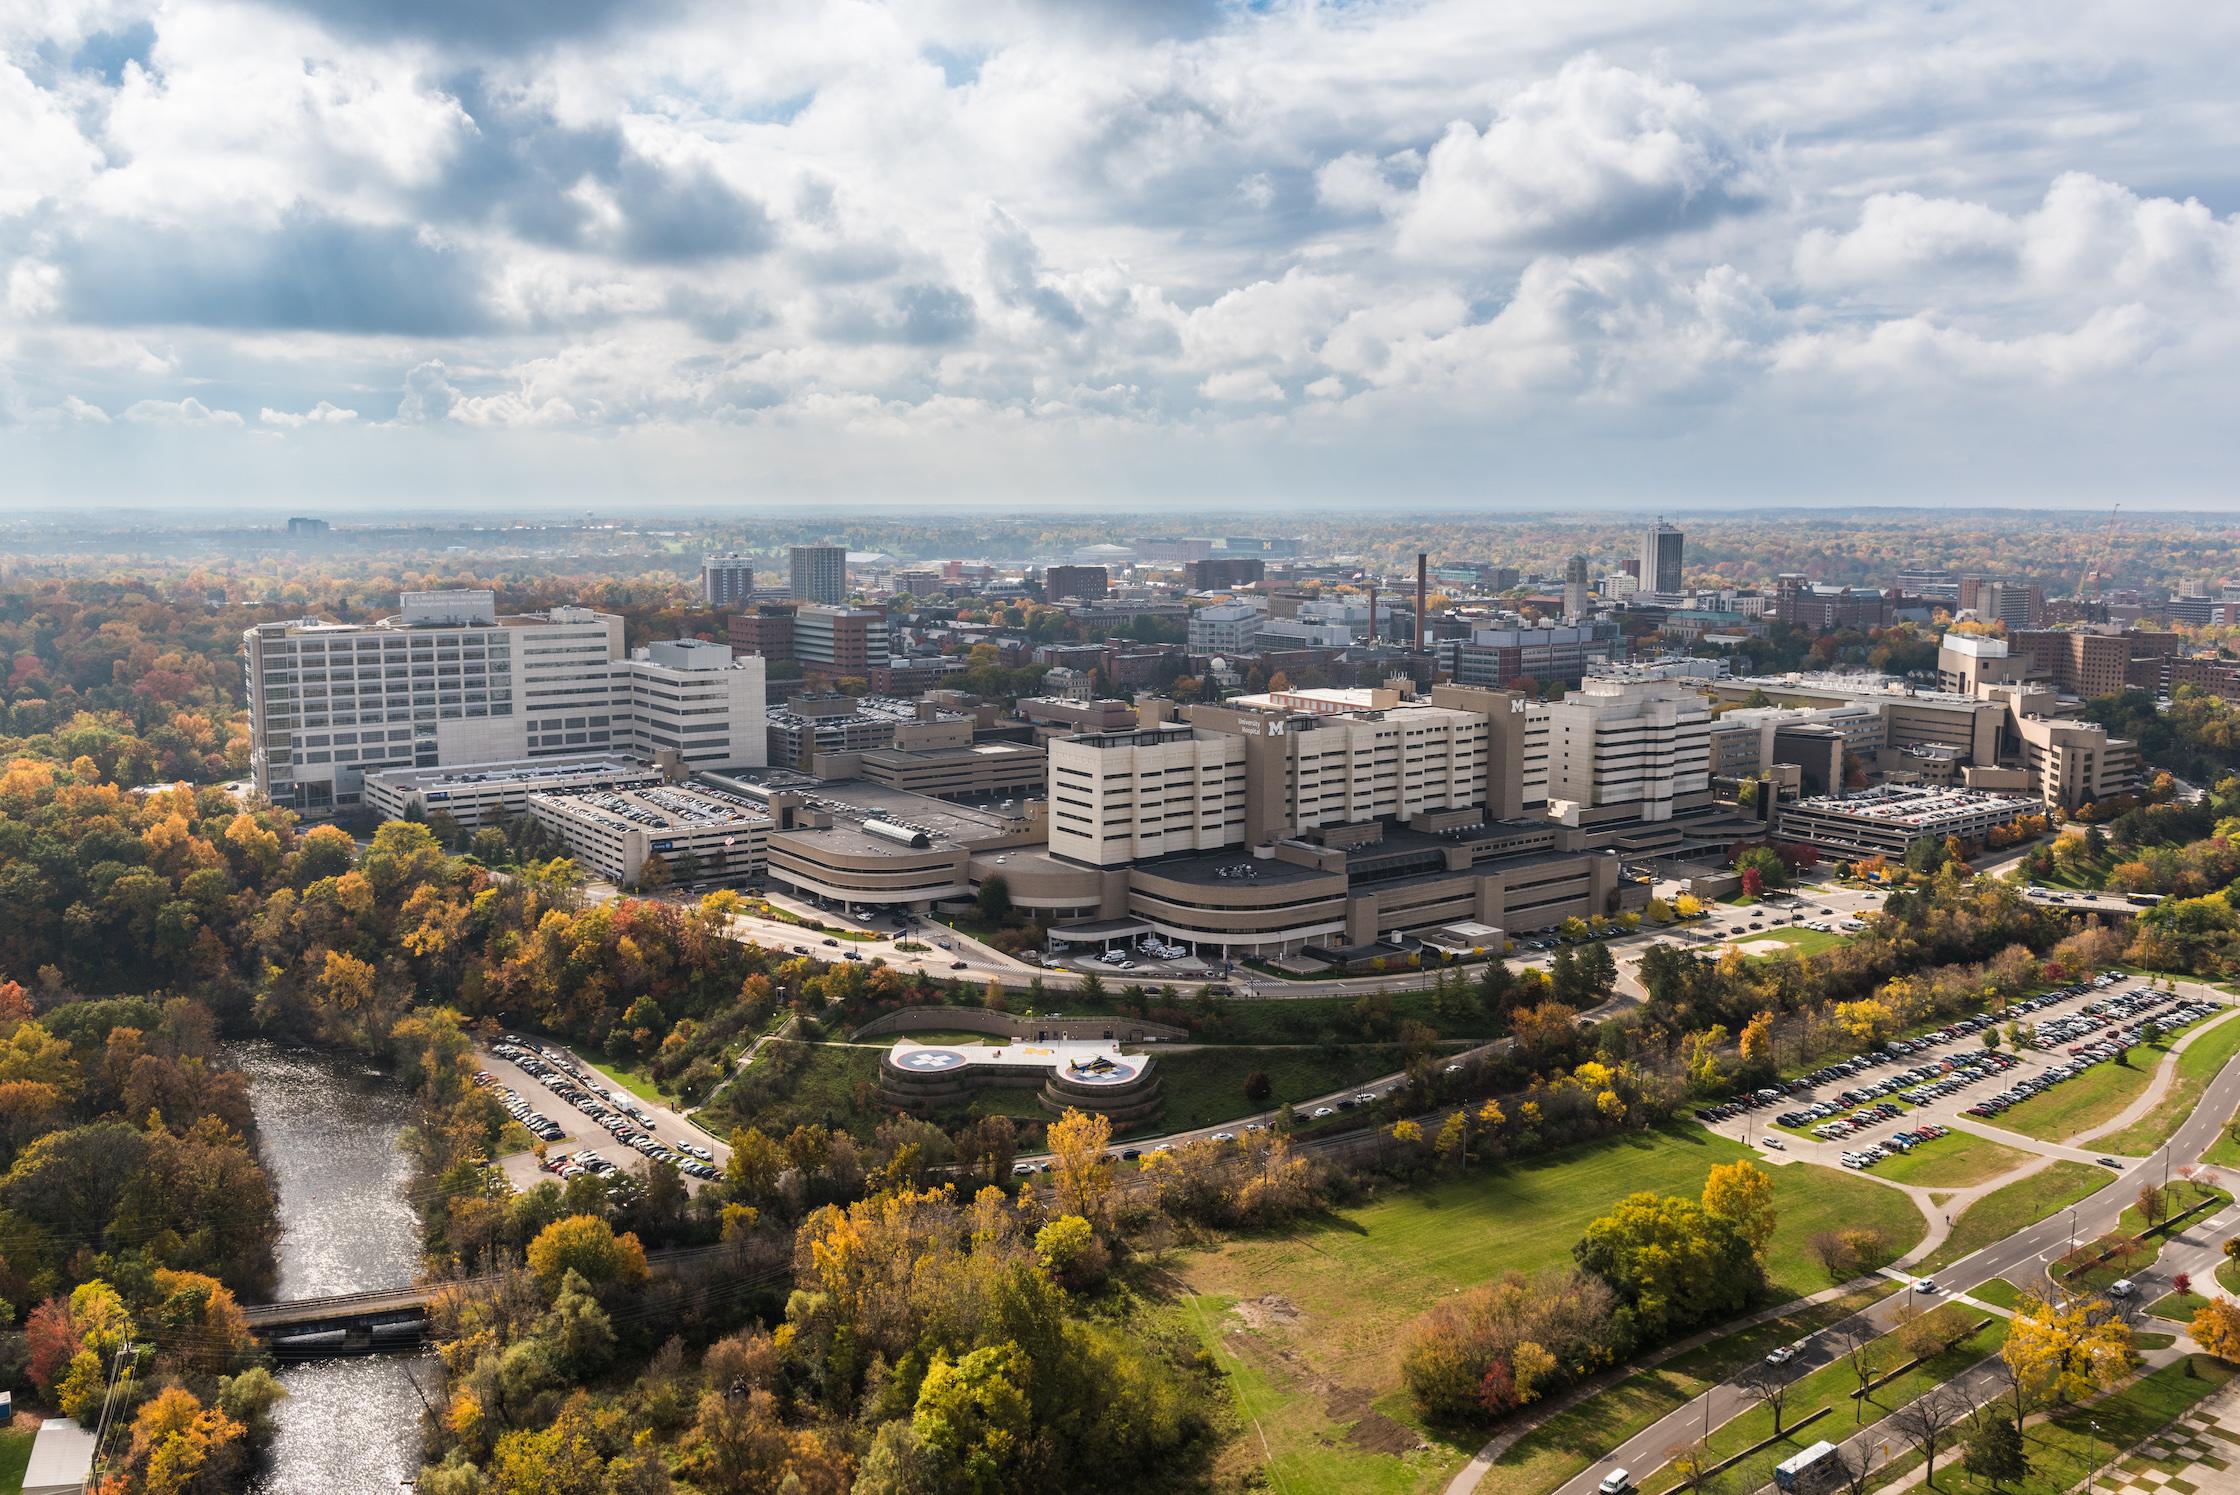 Medical Campus and Arboretum